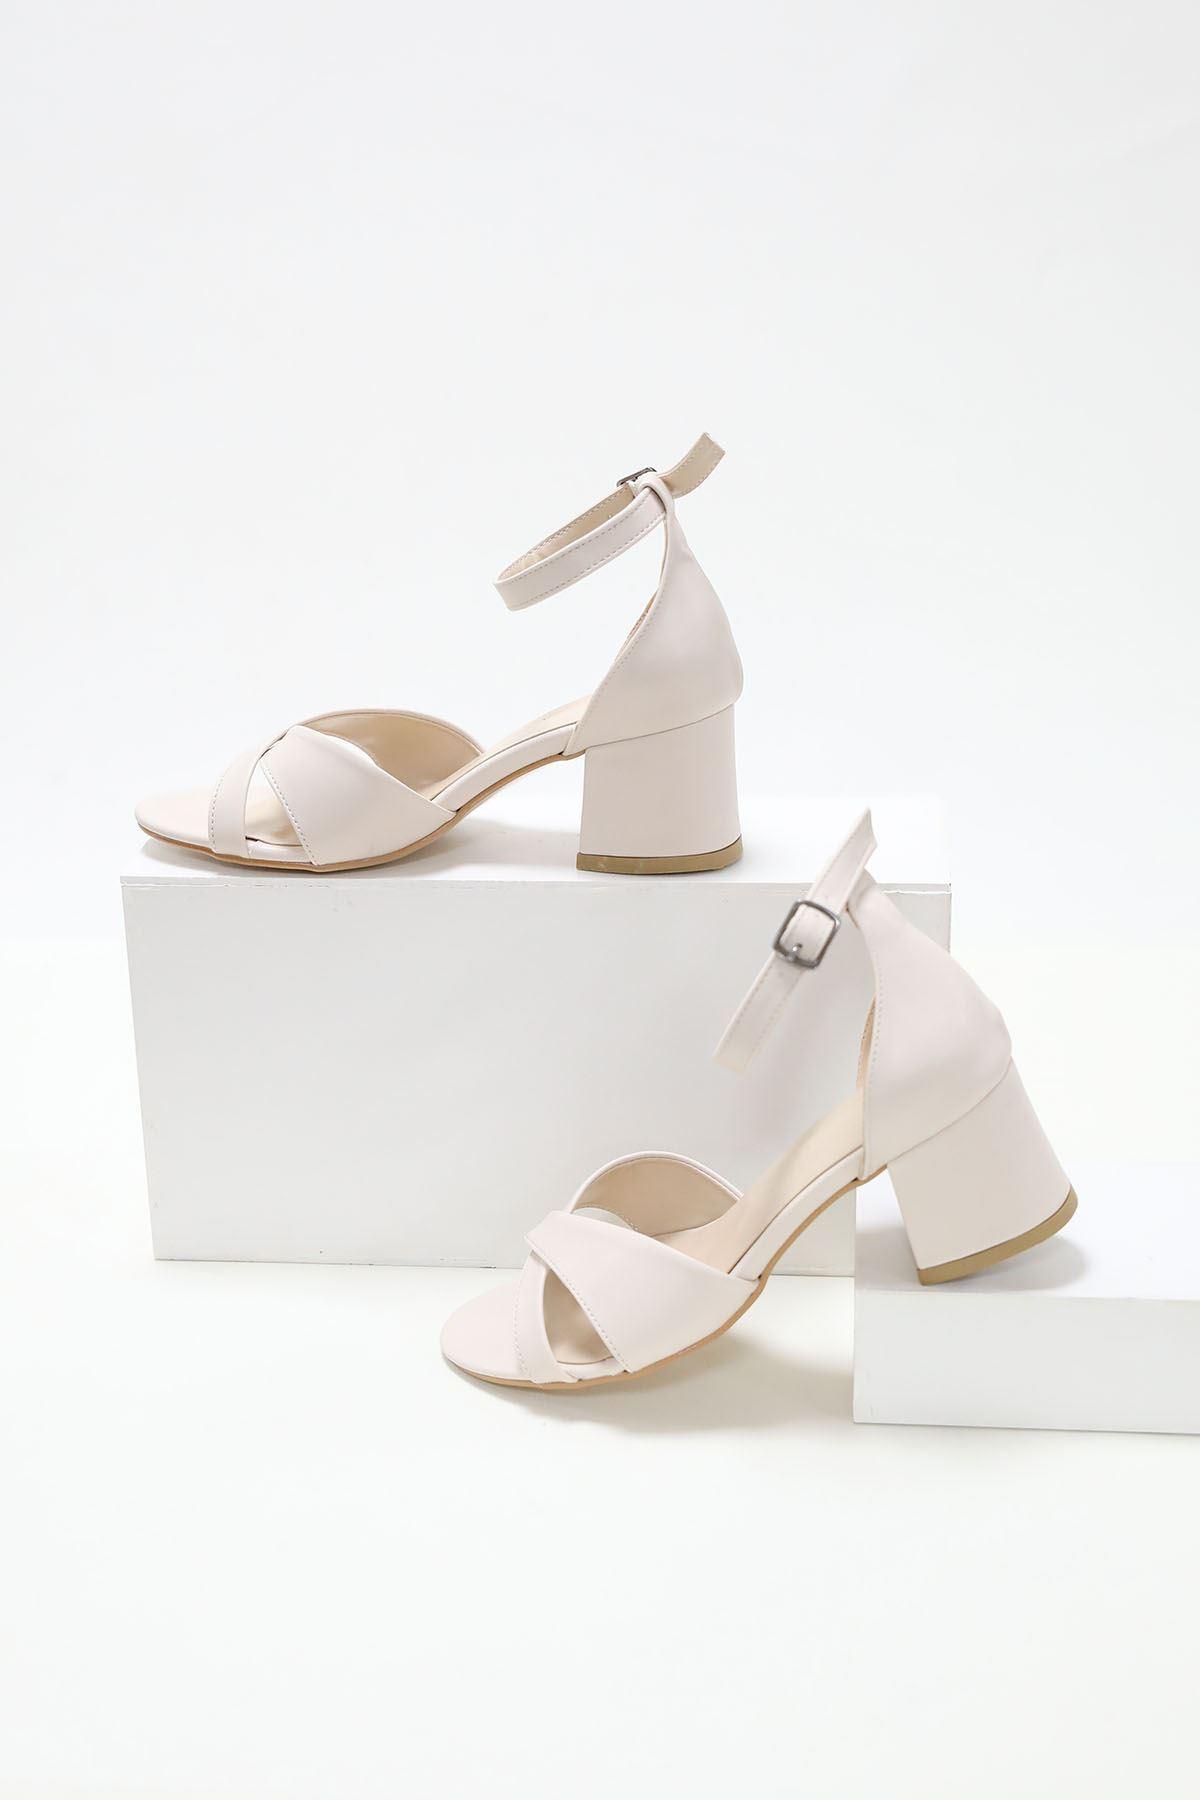 Çapraz Bant 5'lik Platform Krem Ayakkabı